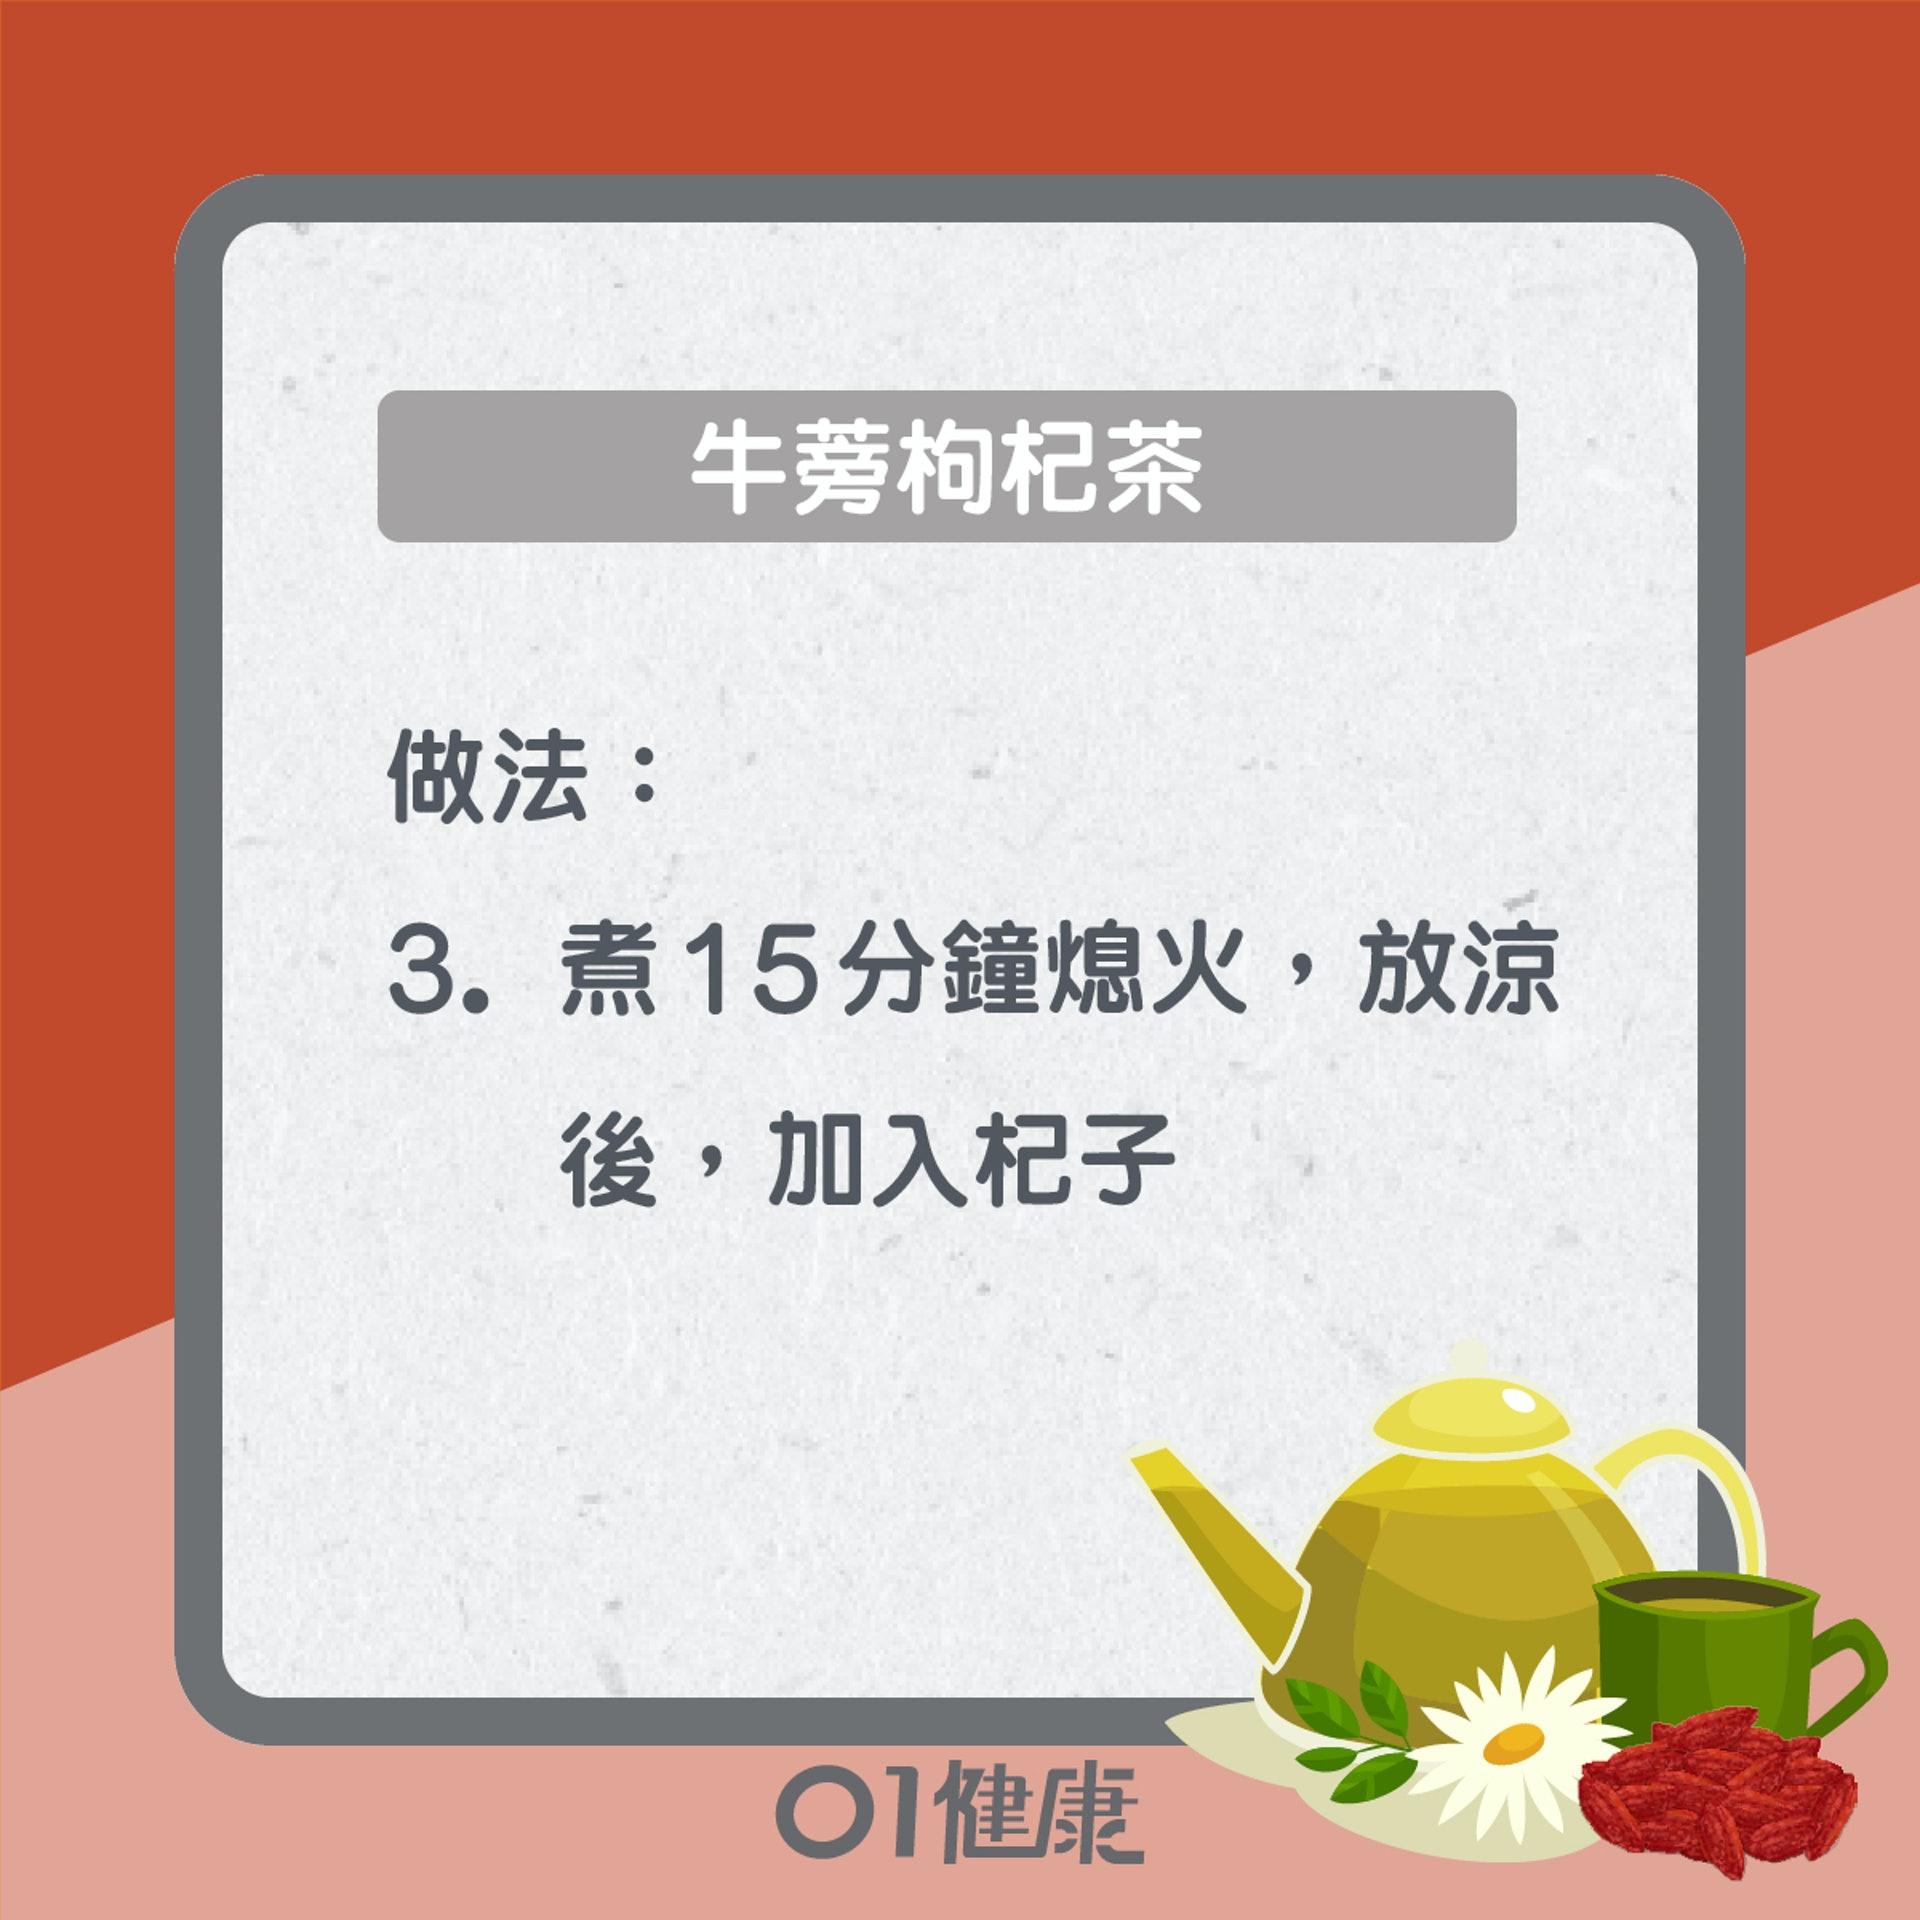 牛蒡枸杞茶(01製圖)